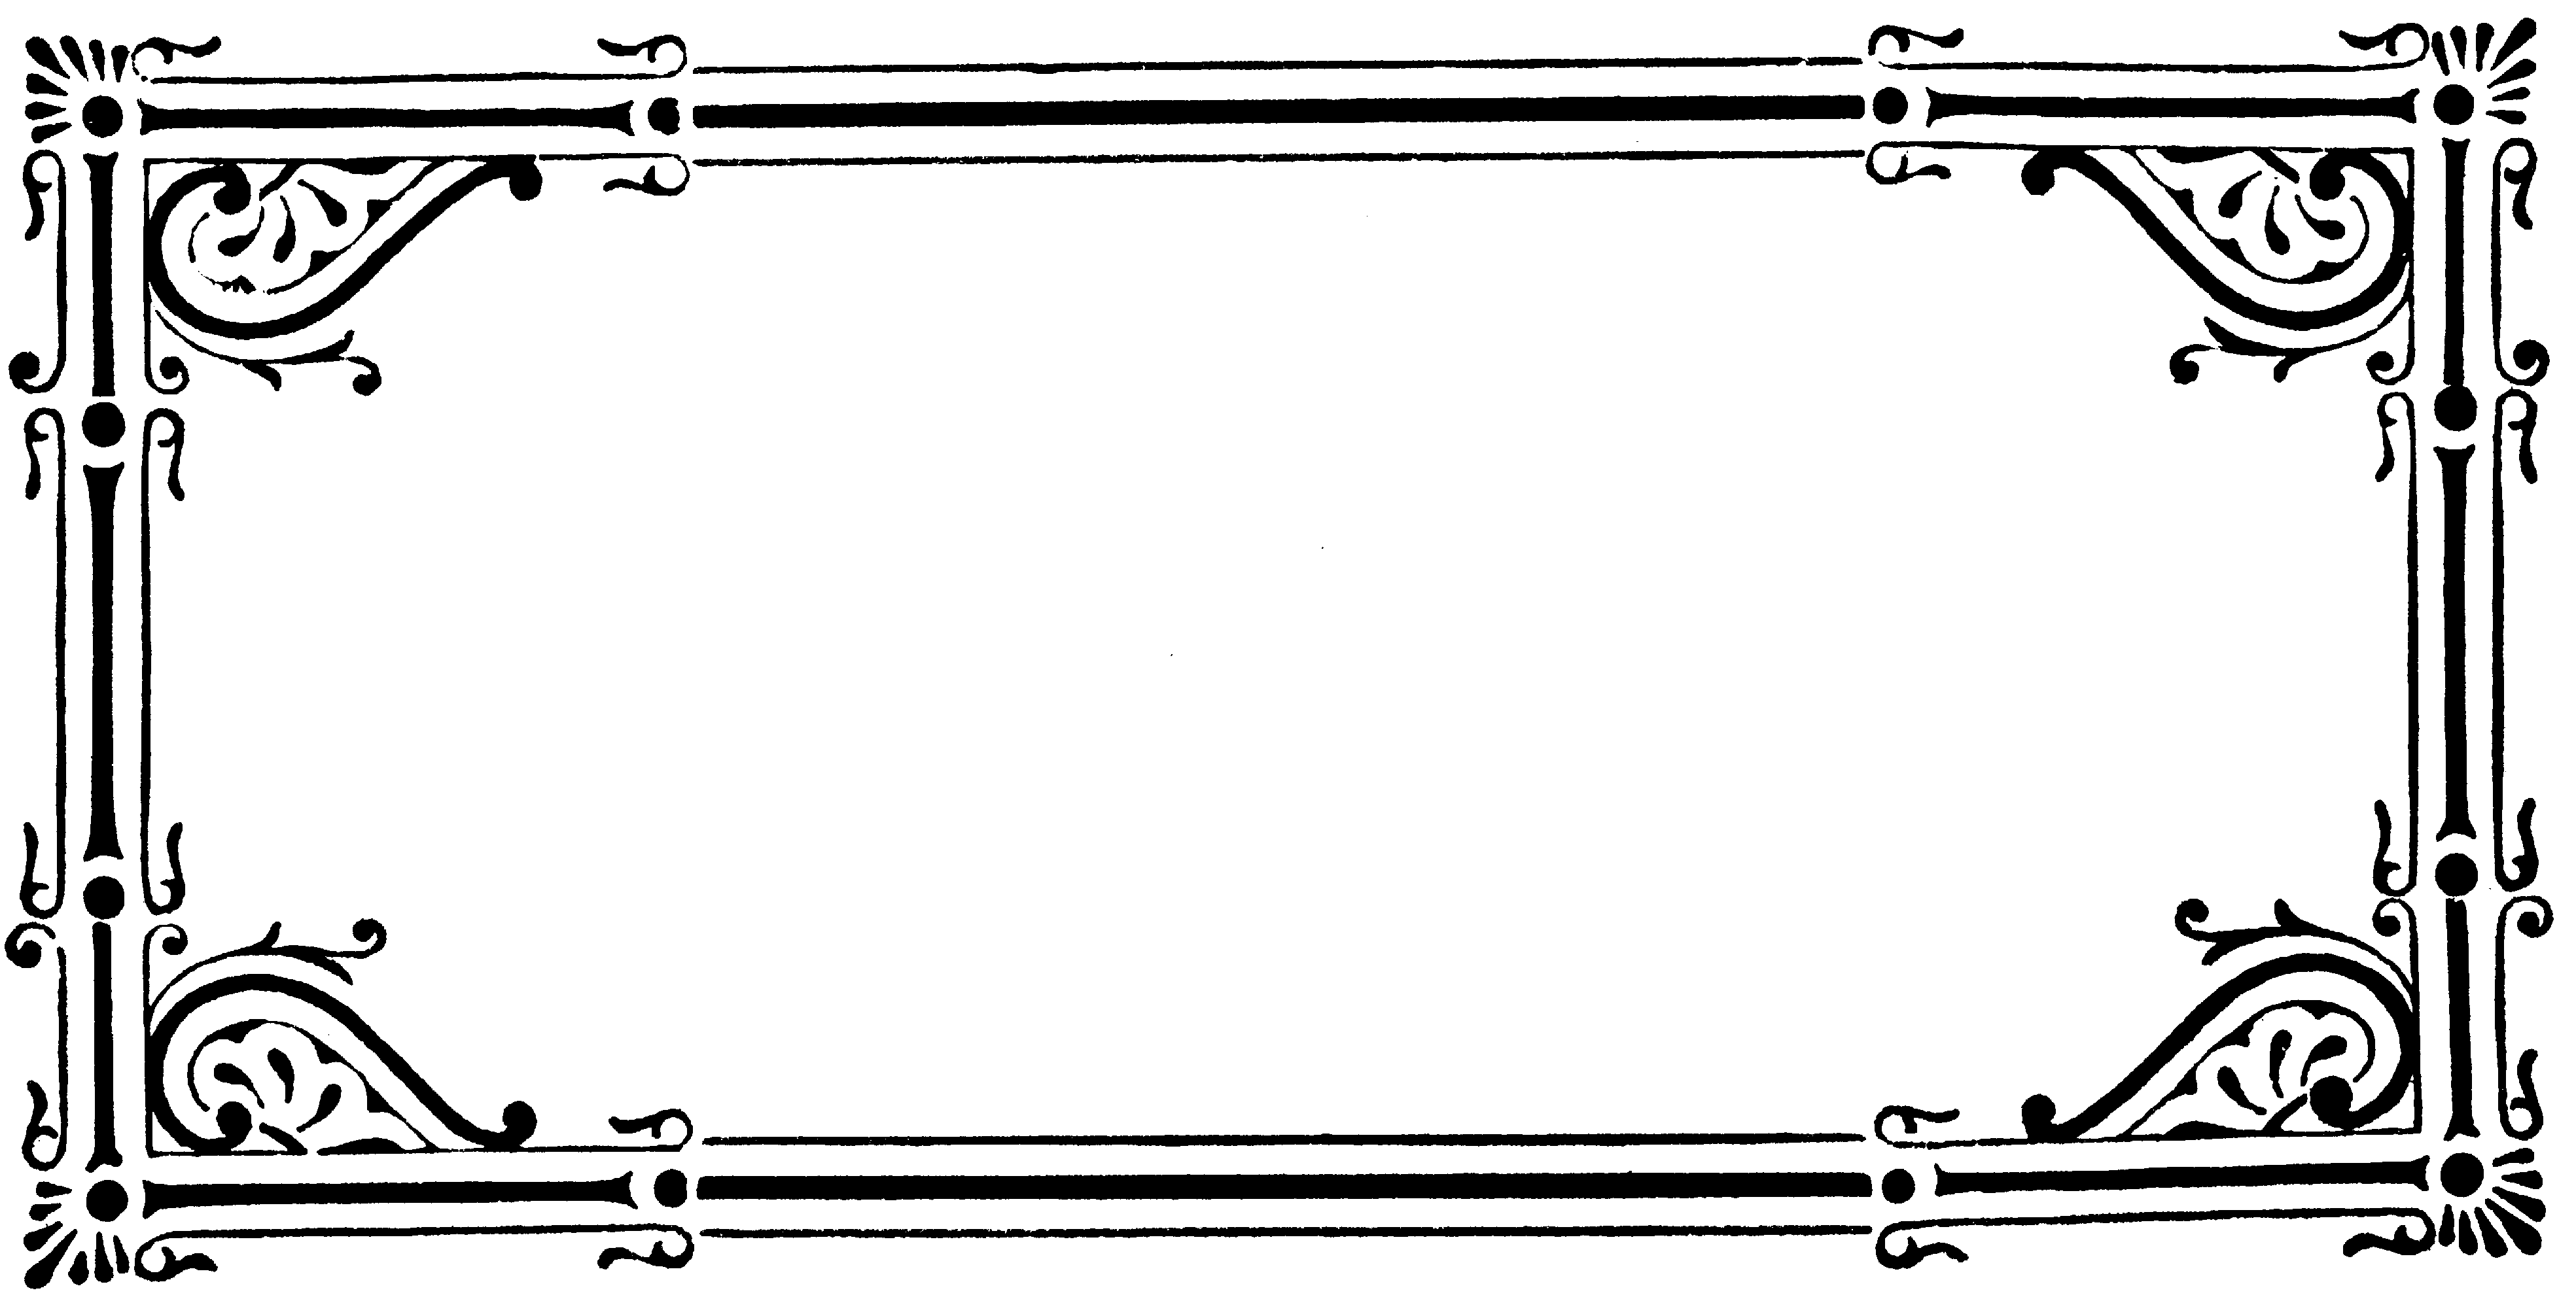 Как рисунок сделать фоном для текста